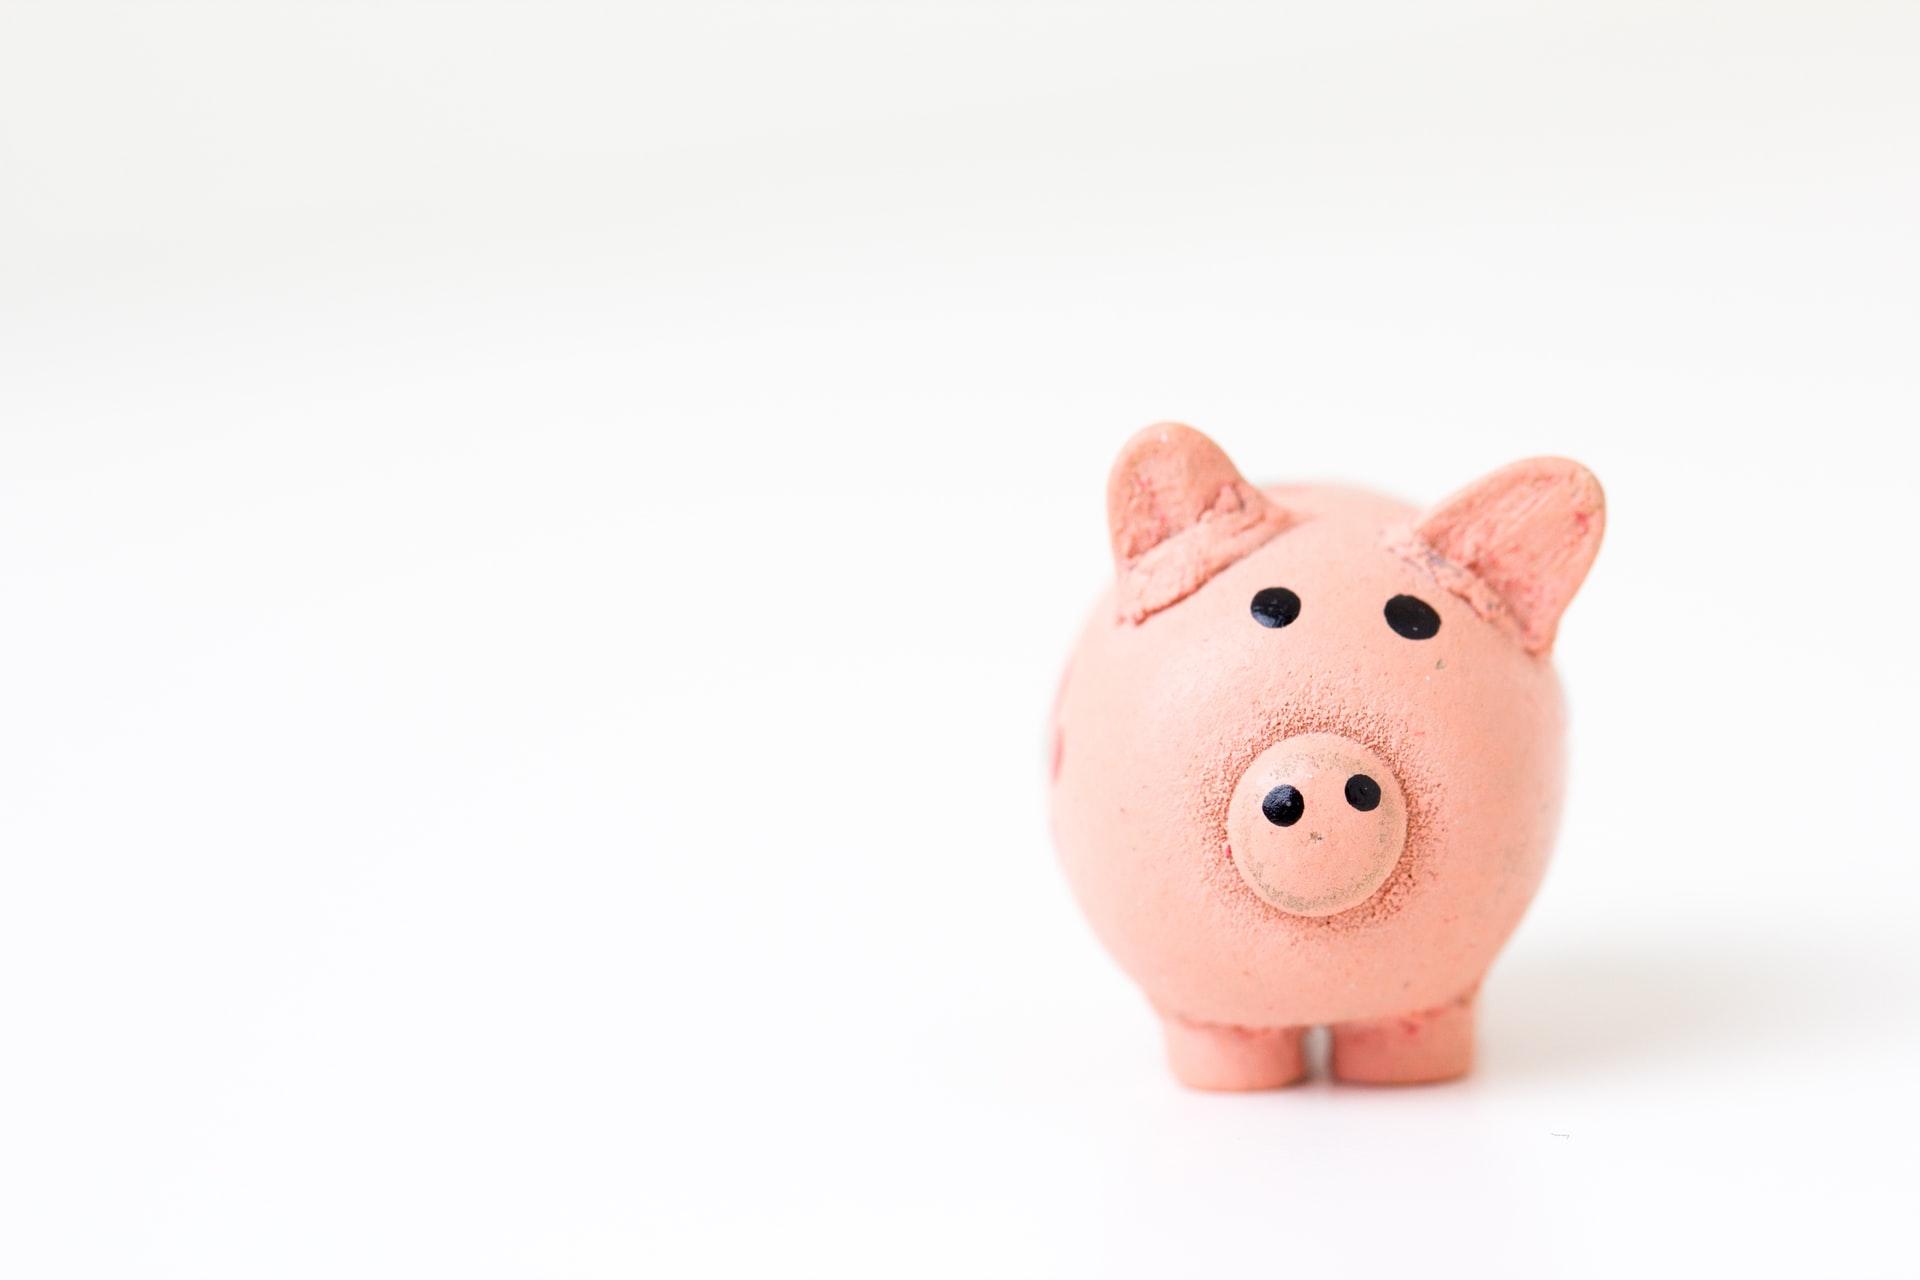 副業時代の幕開け:サラリーマンの職種・スキルで時給は変わる?